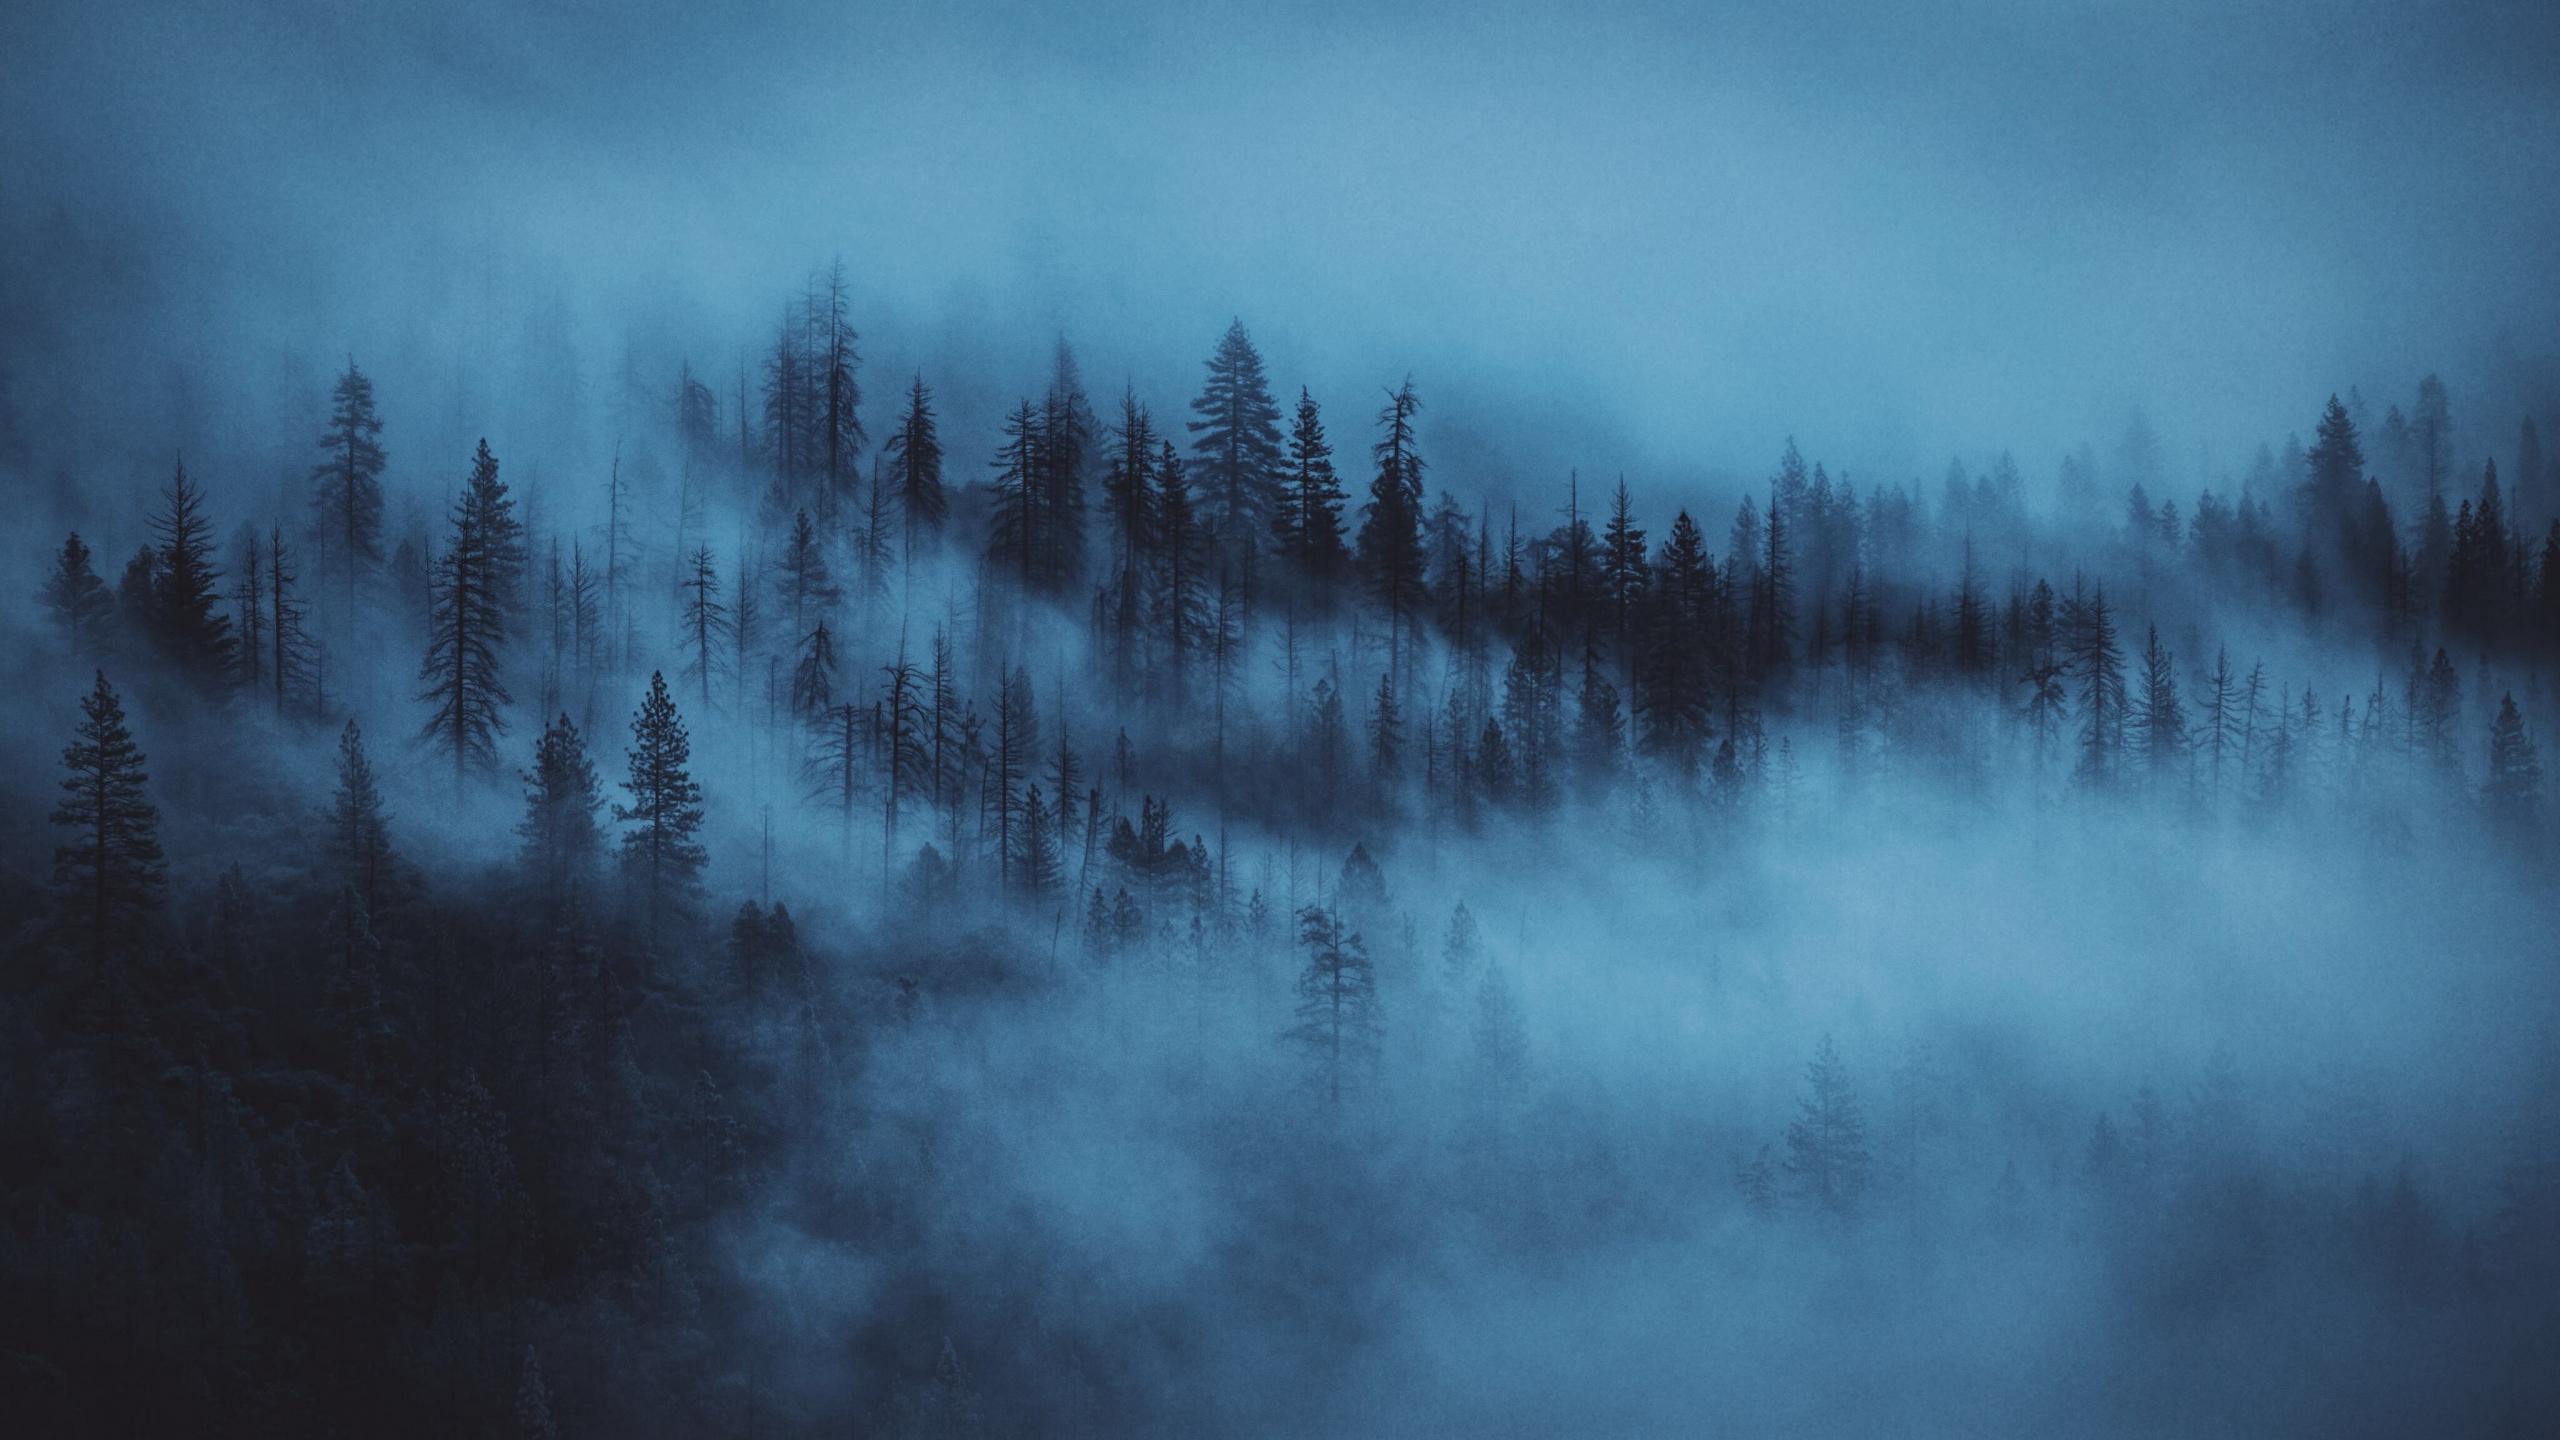 Samsung Galaxy S X 1920 Cars Download 2560x1440 Wallpaper Dark Mist Trees Forest